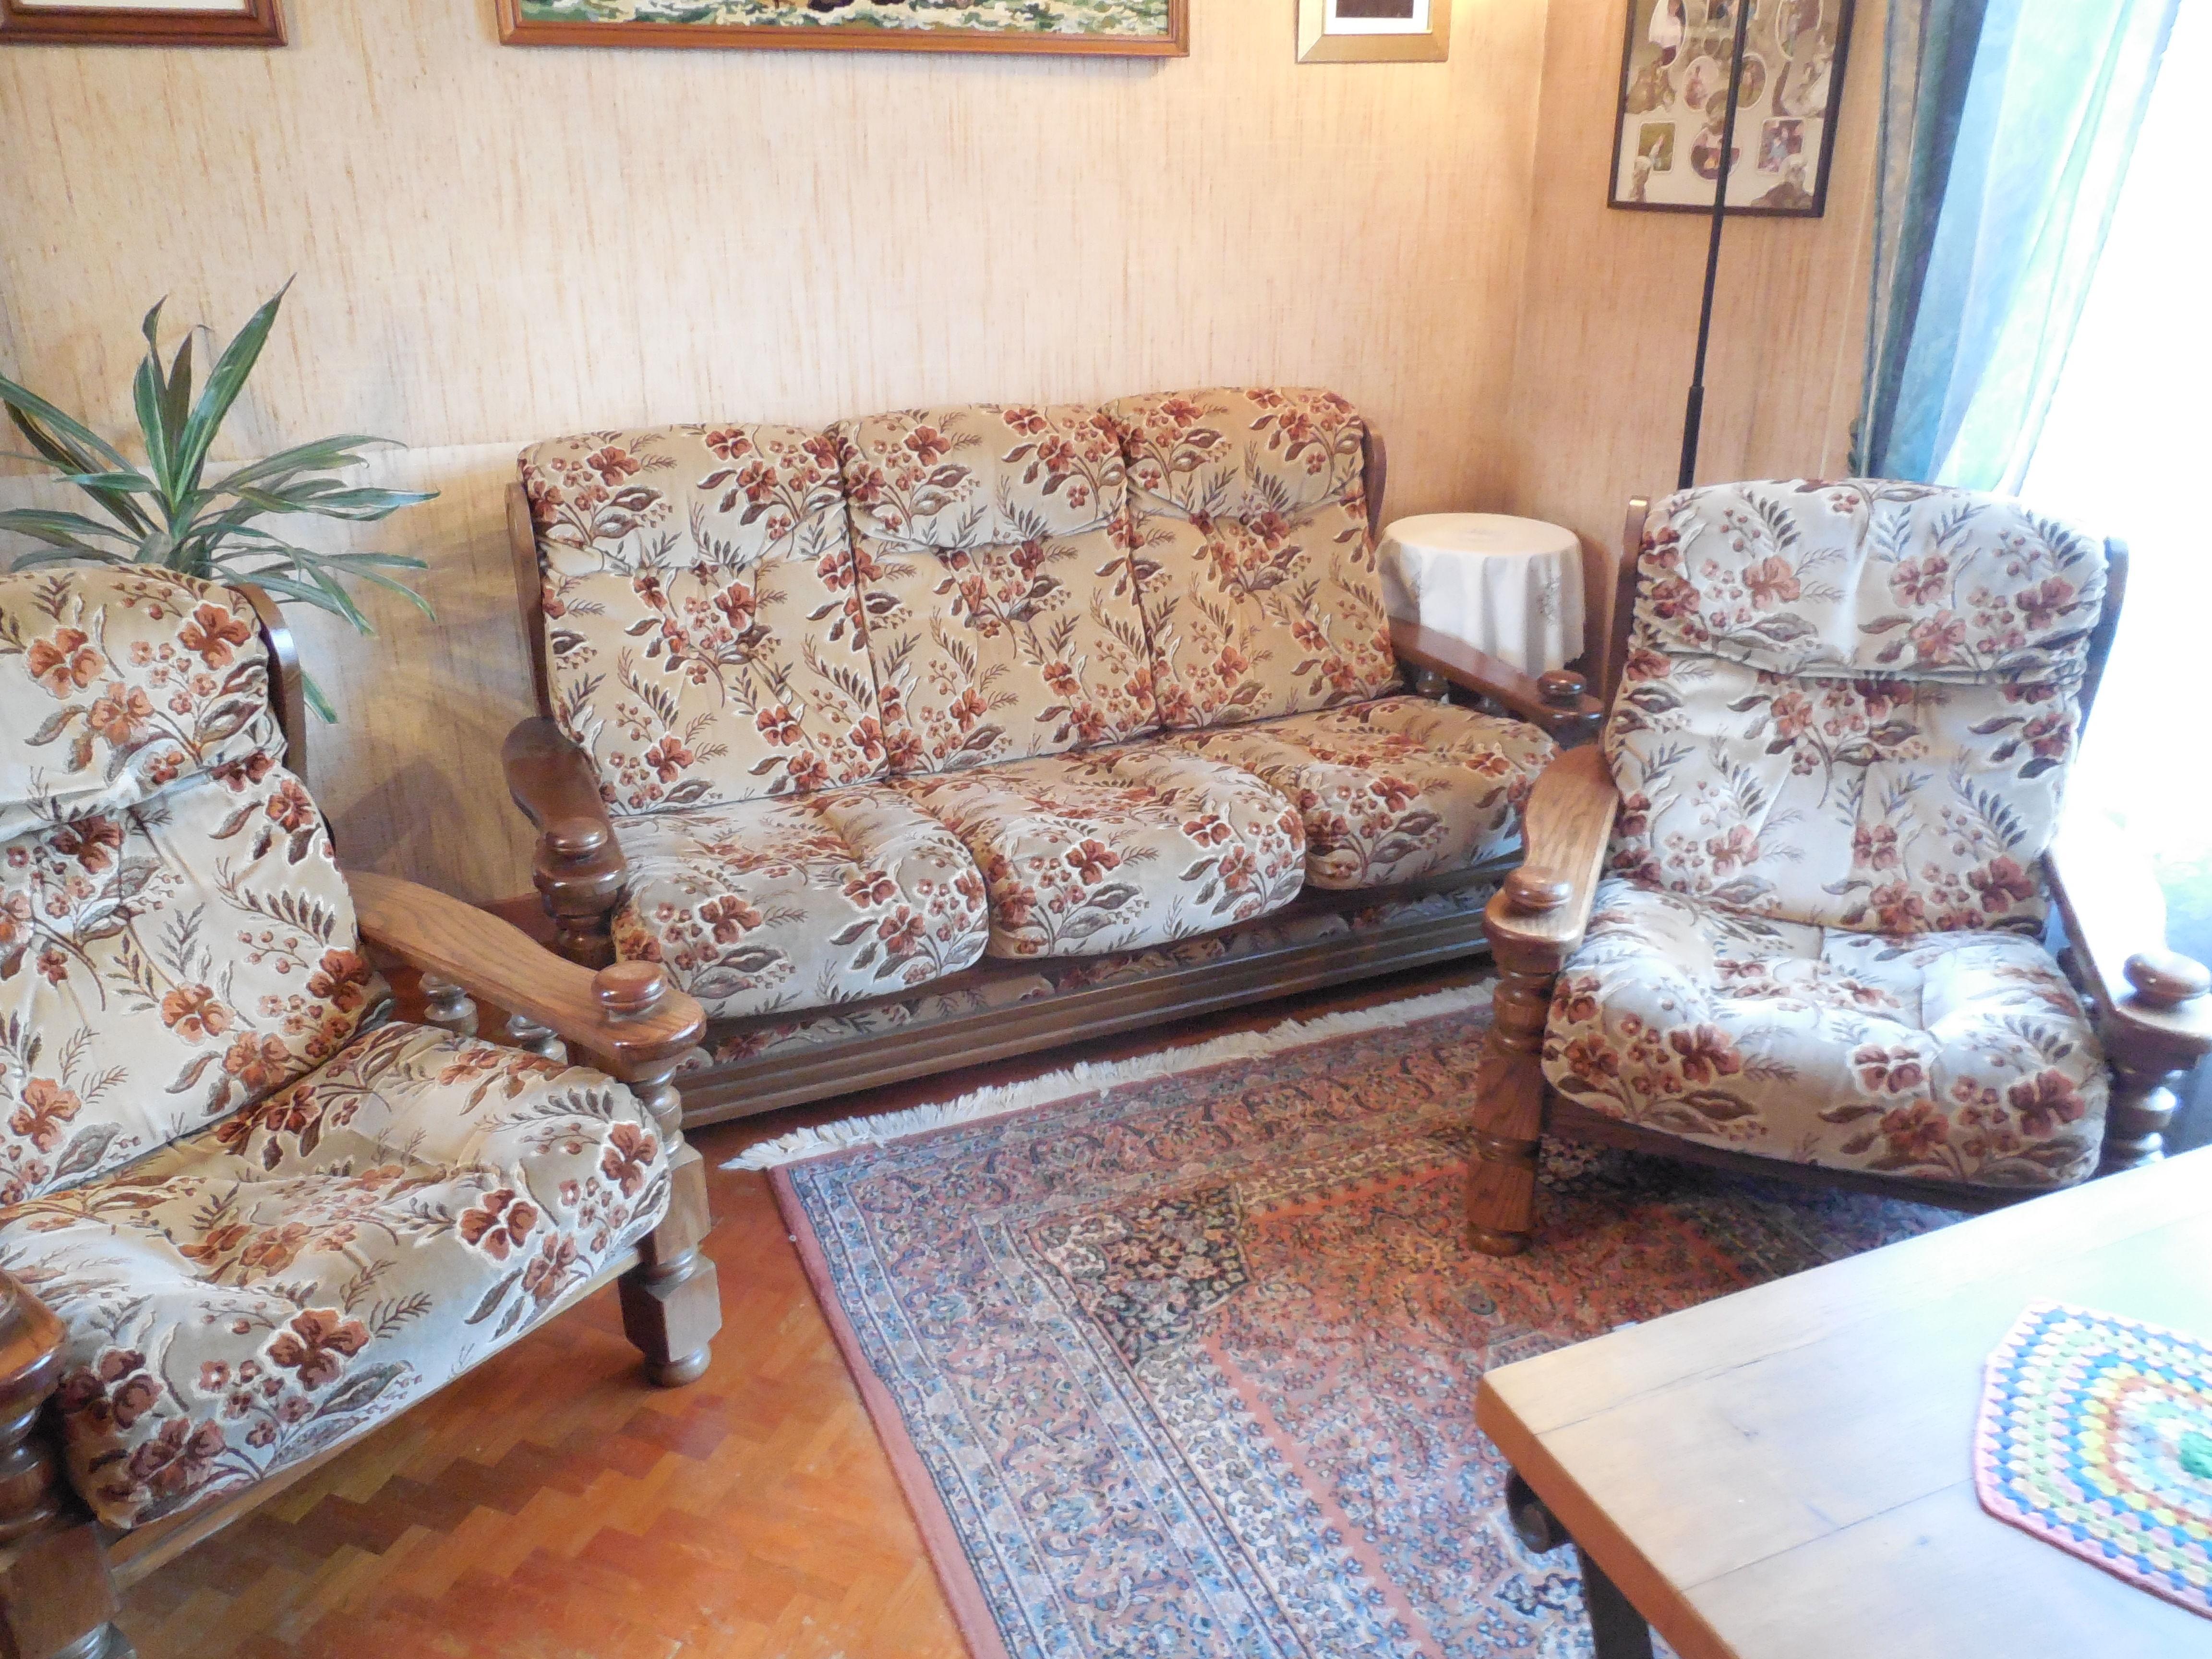 fauteuils velour occasion en seine saint denis 93 annonces achat et vente de fauteuils velour. Black Bedroom Furniture Sets. Home Design Ideas